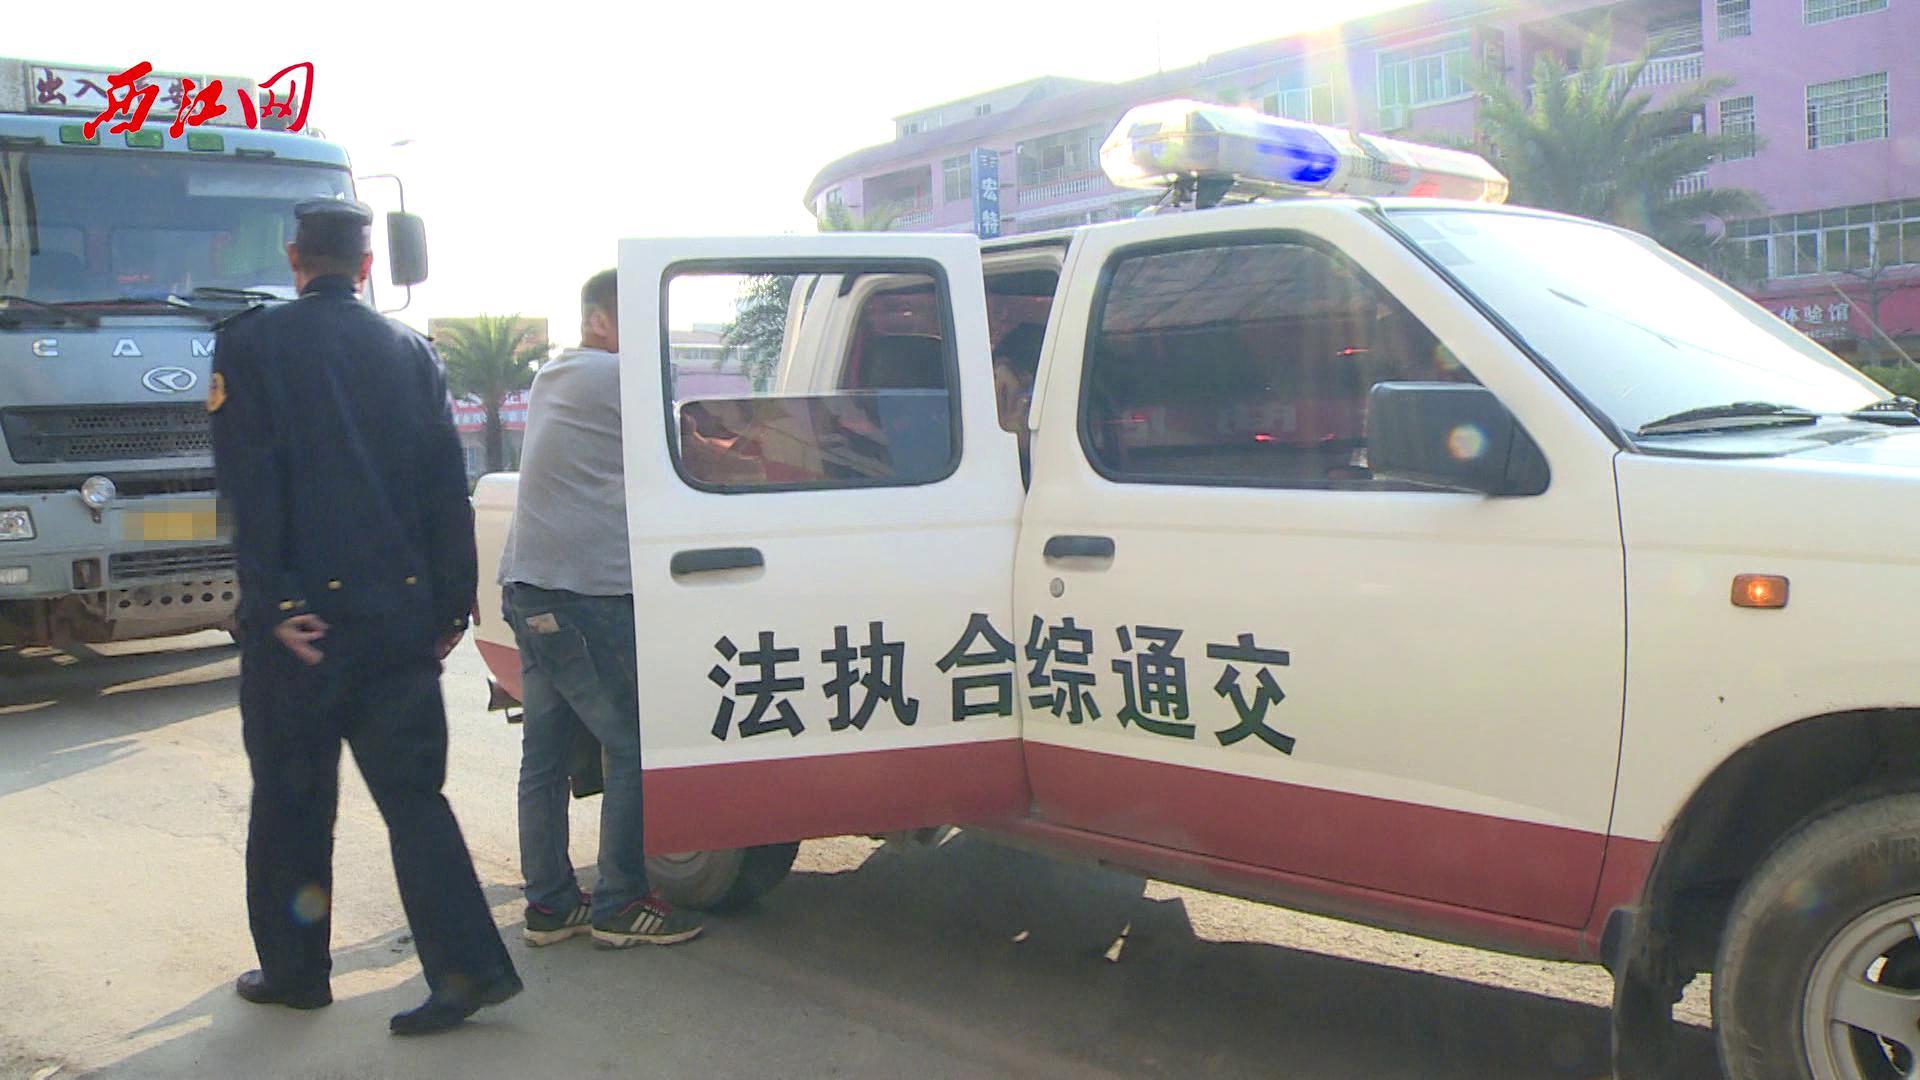 鼎湖深入开展治理超限超载车辆工作 5个月查处超限超载违法345宗